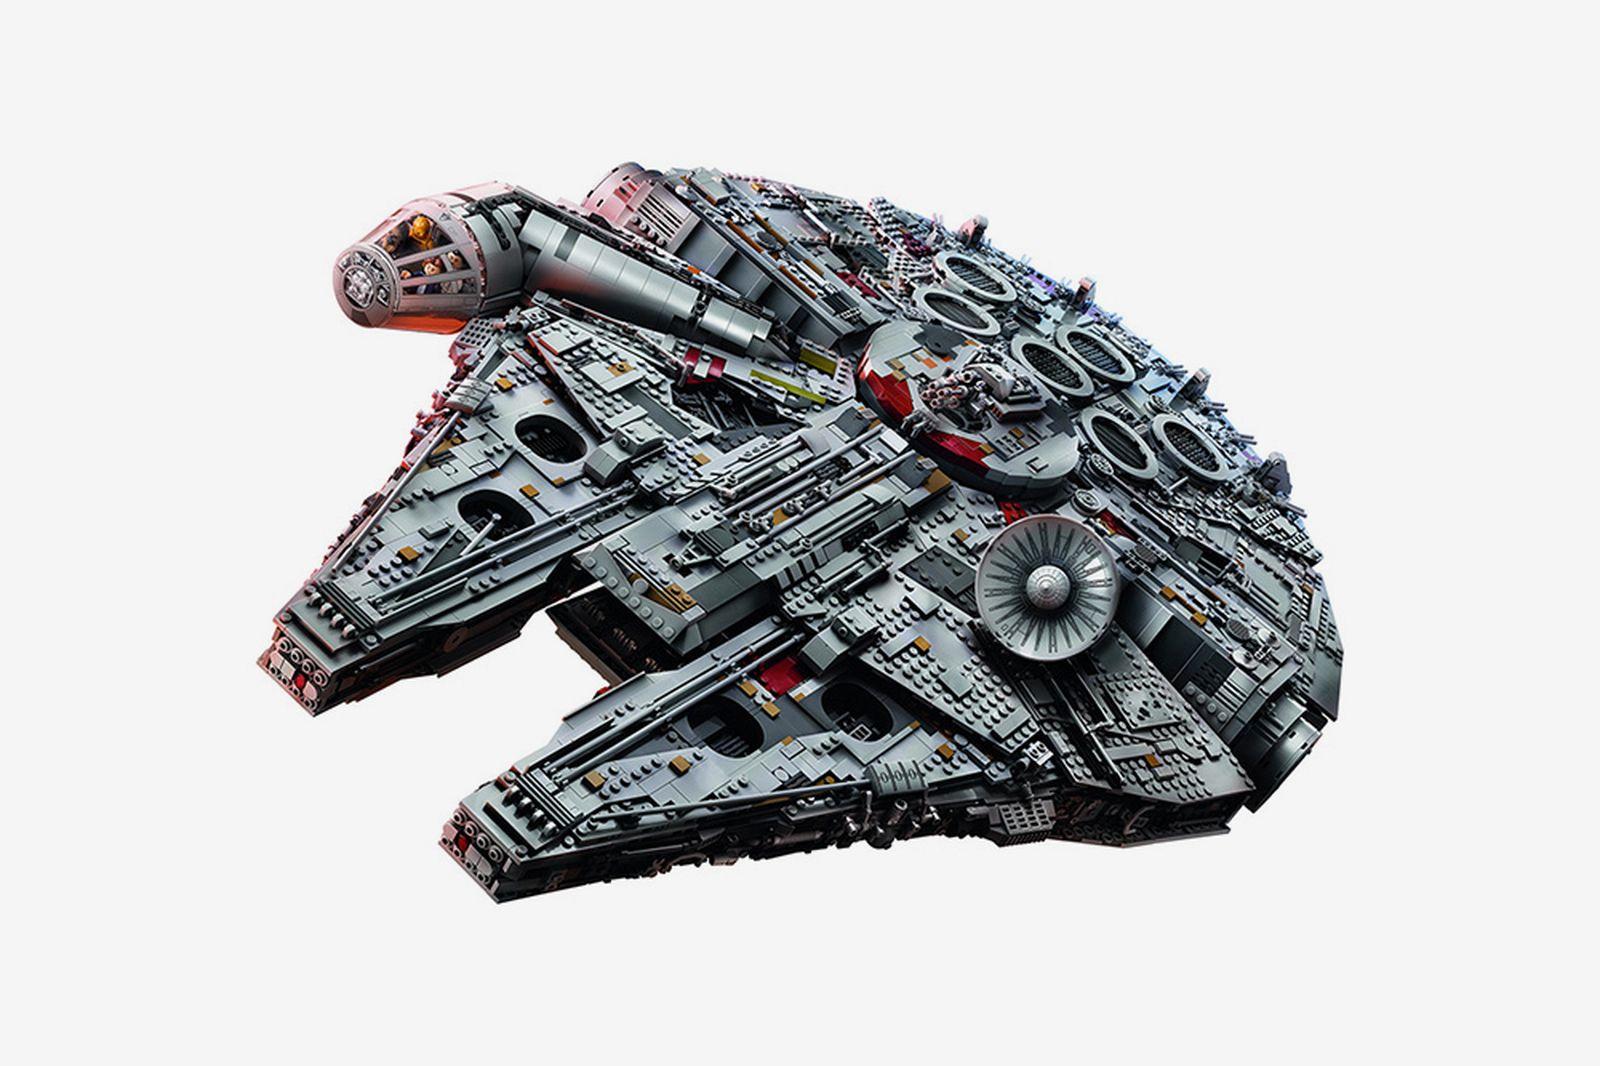 biggest-lego-sets-01